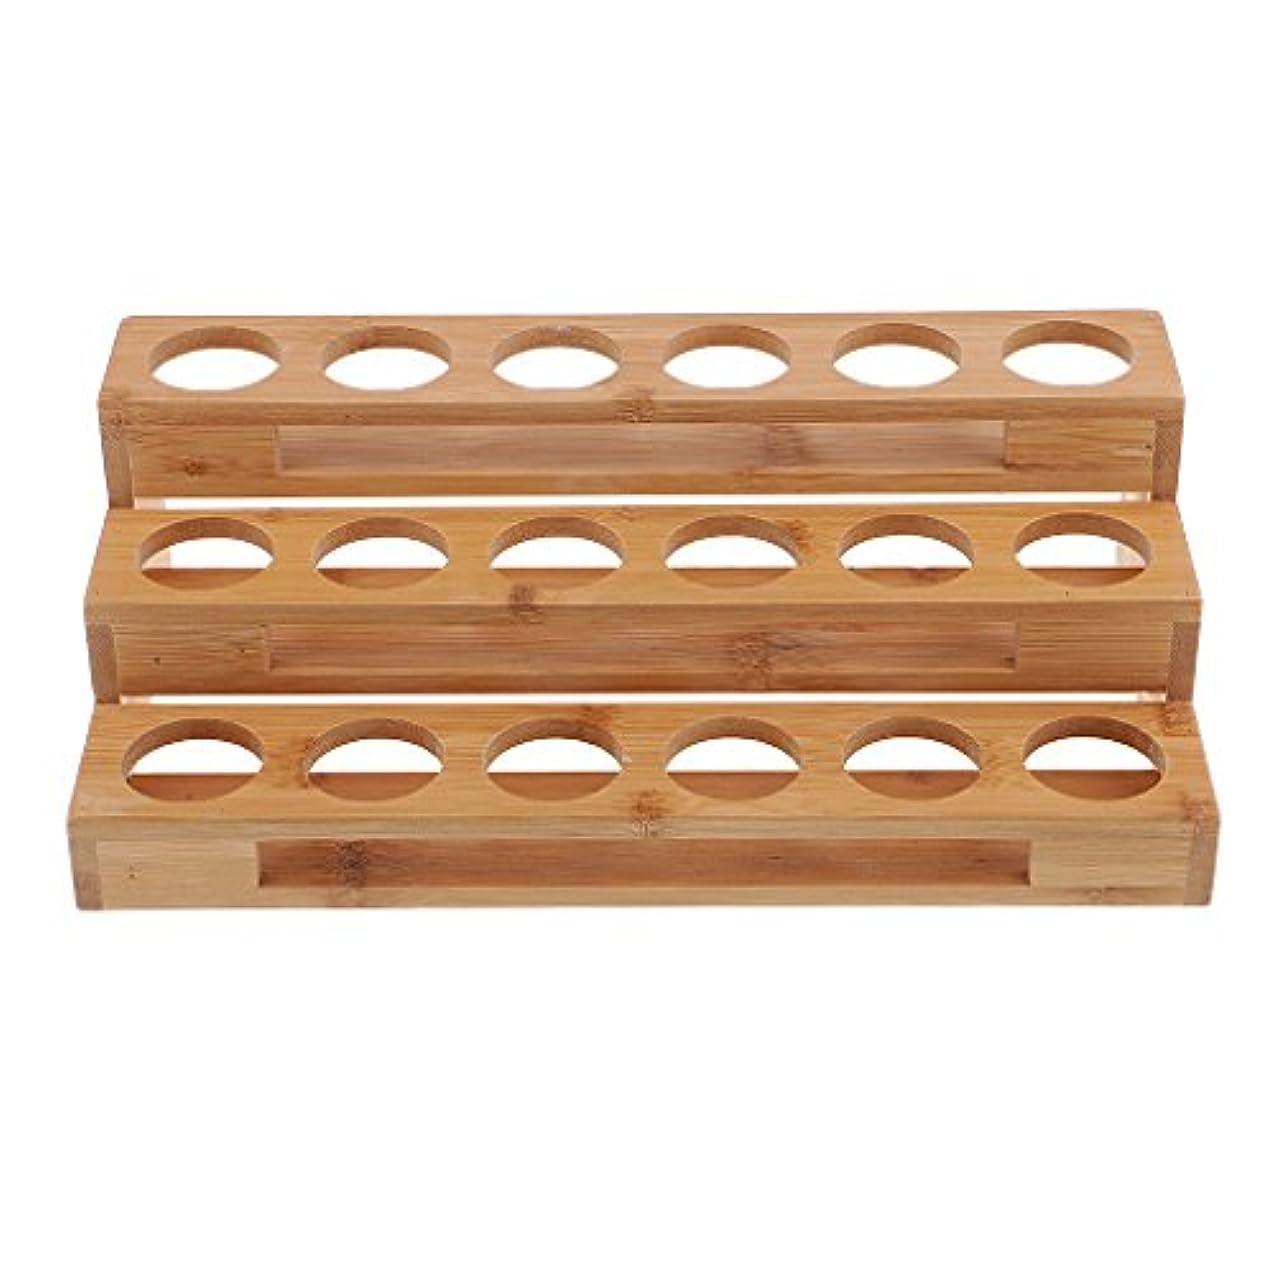 規制空虚日常的にHellery エッセンシャルオイル 精油収納 展示スタンド 展示ラック ディスプレイラック 木製 18ホール